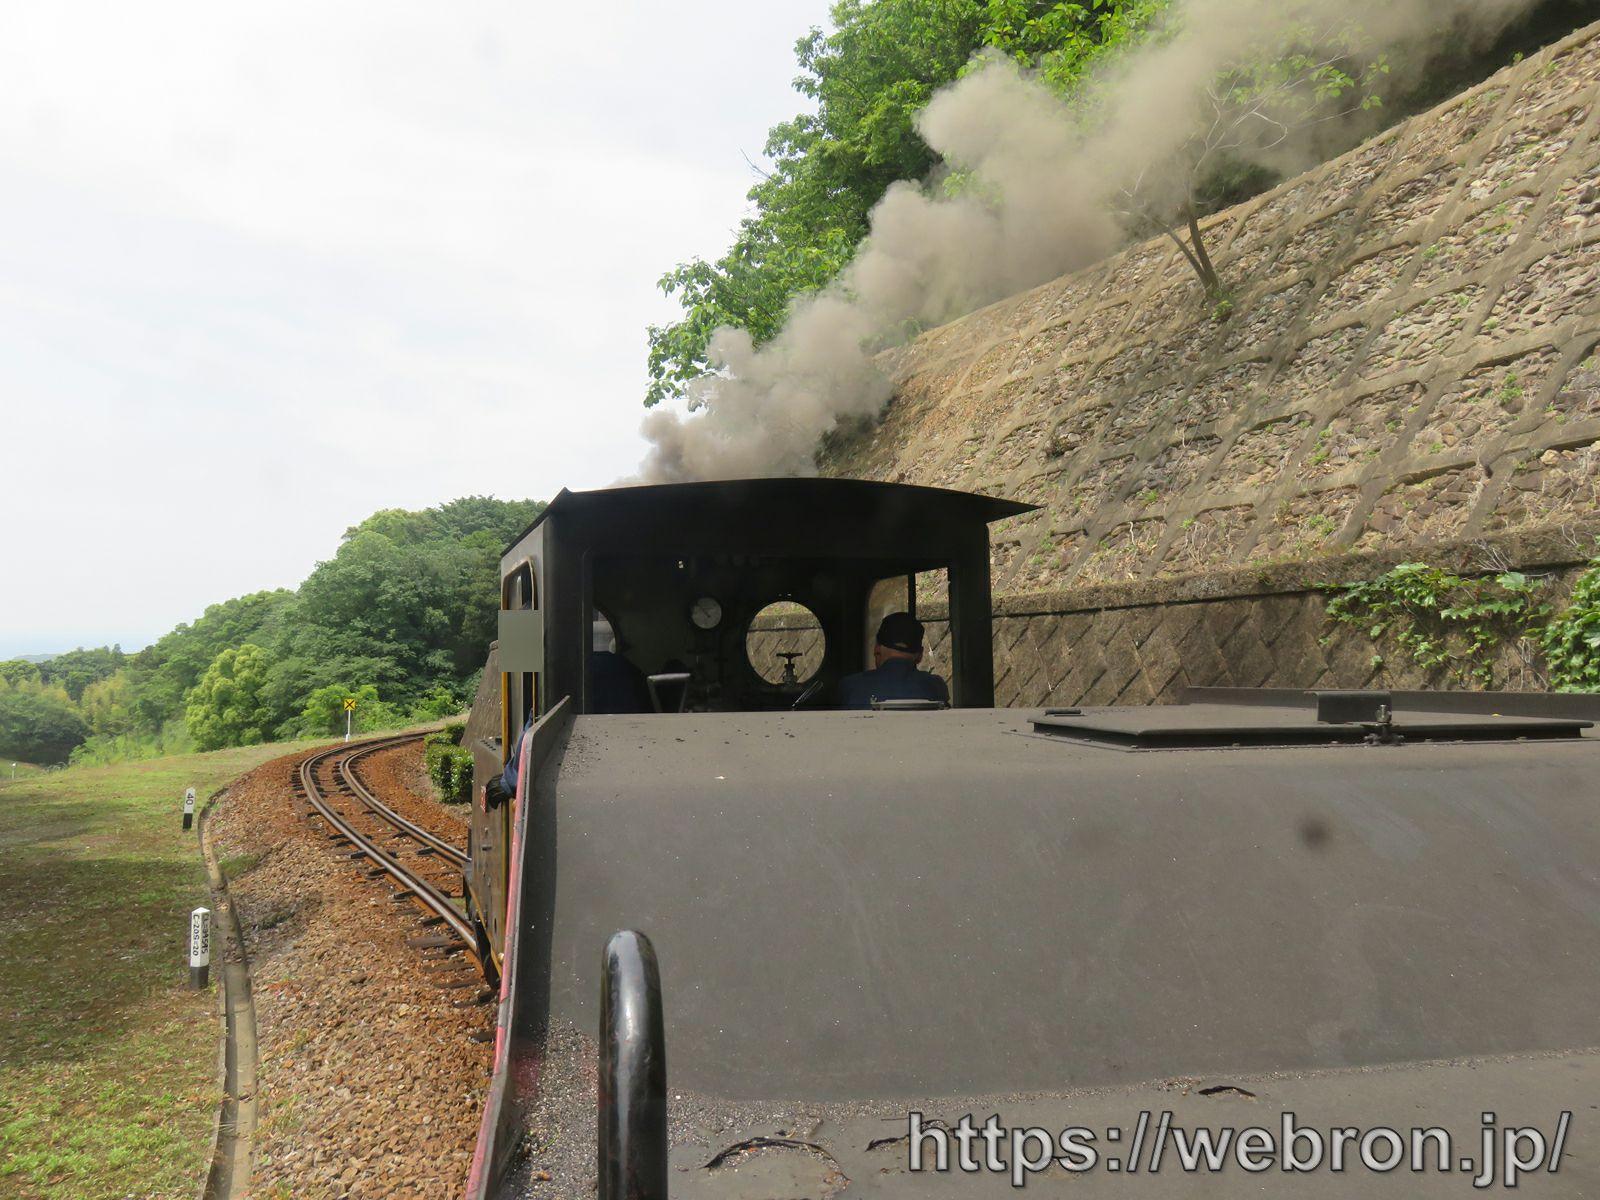 愛知こどもの国のゆうひが丘の蒸気機関車